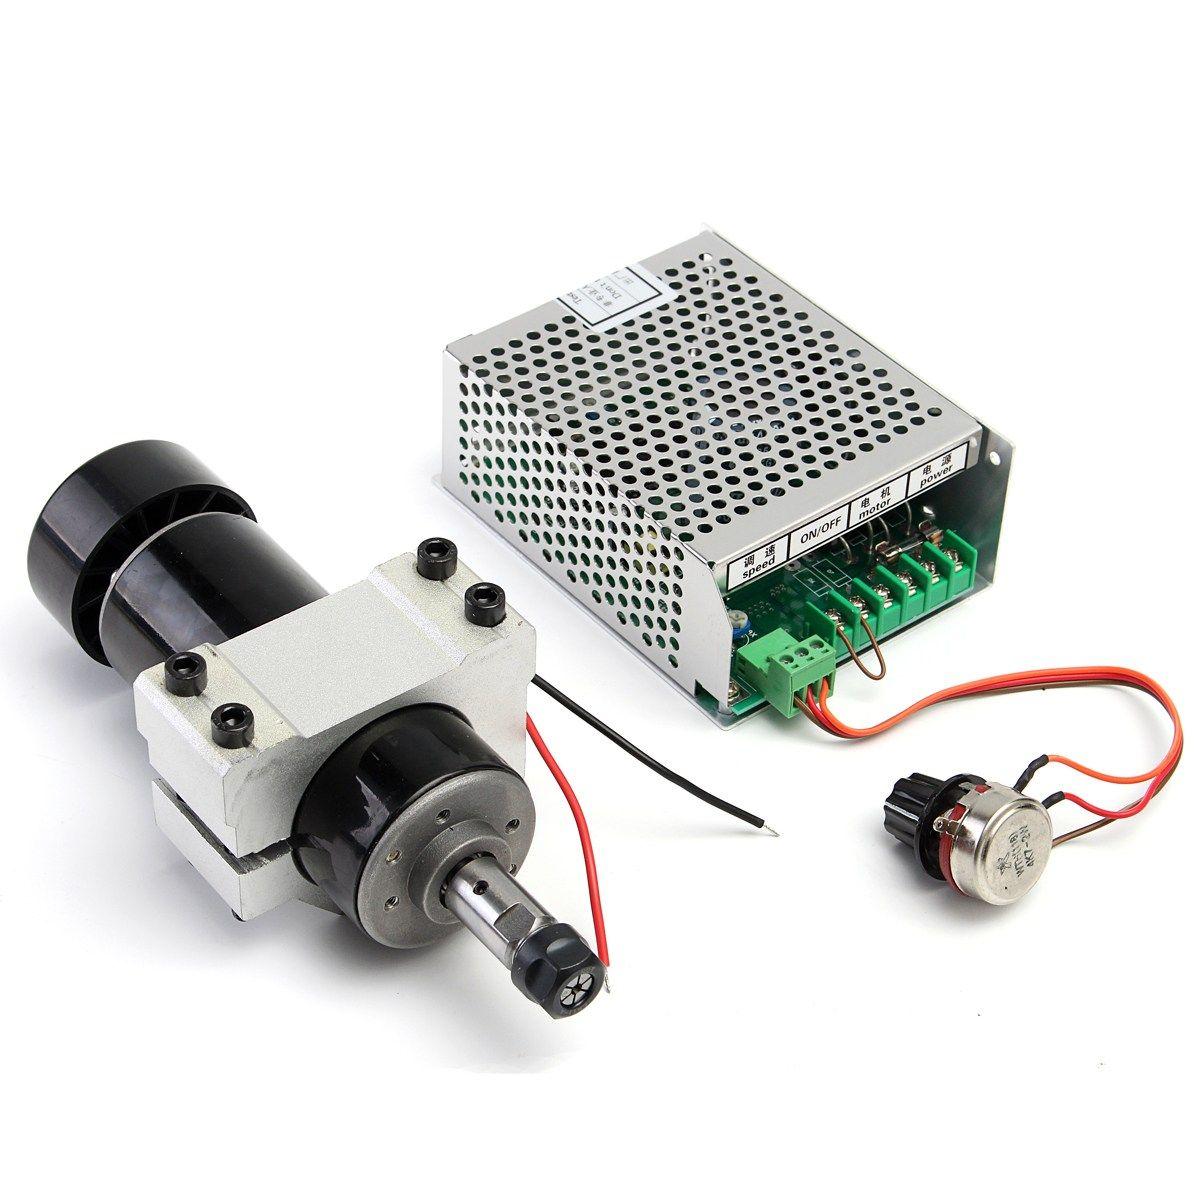 Marke Neue 1 Satz CNC Spindel 500 Watt Luftgekühlte 0.5kw Fräsen Motor Mit Spindeldrehzahl Stromrichter